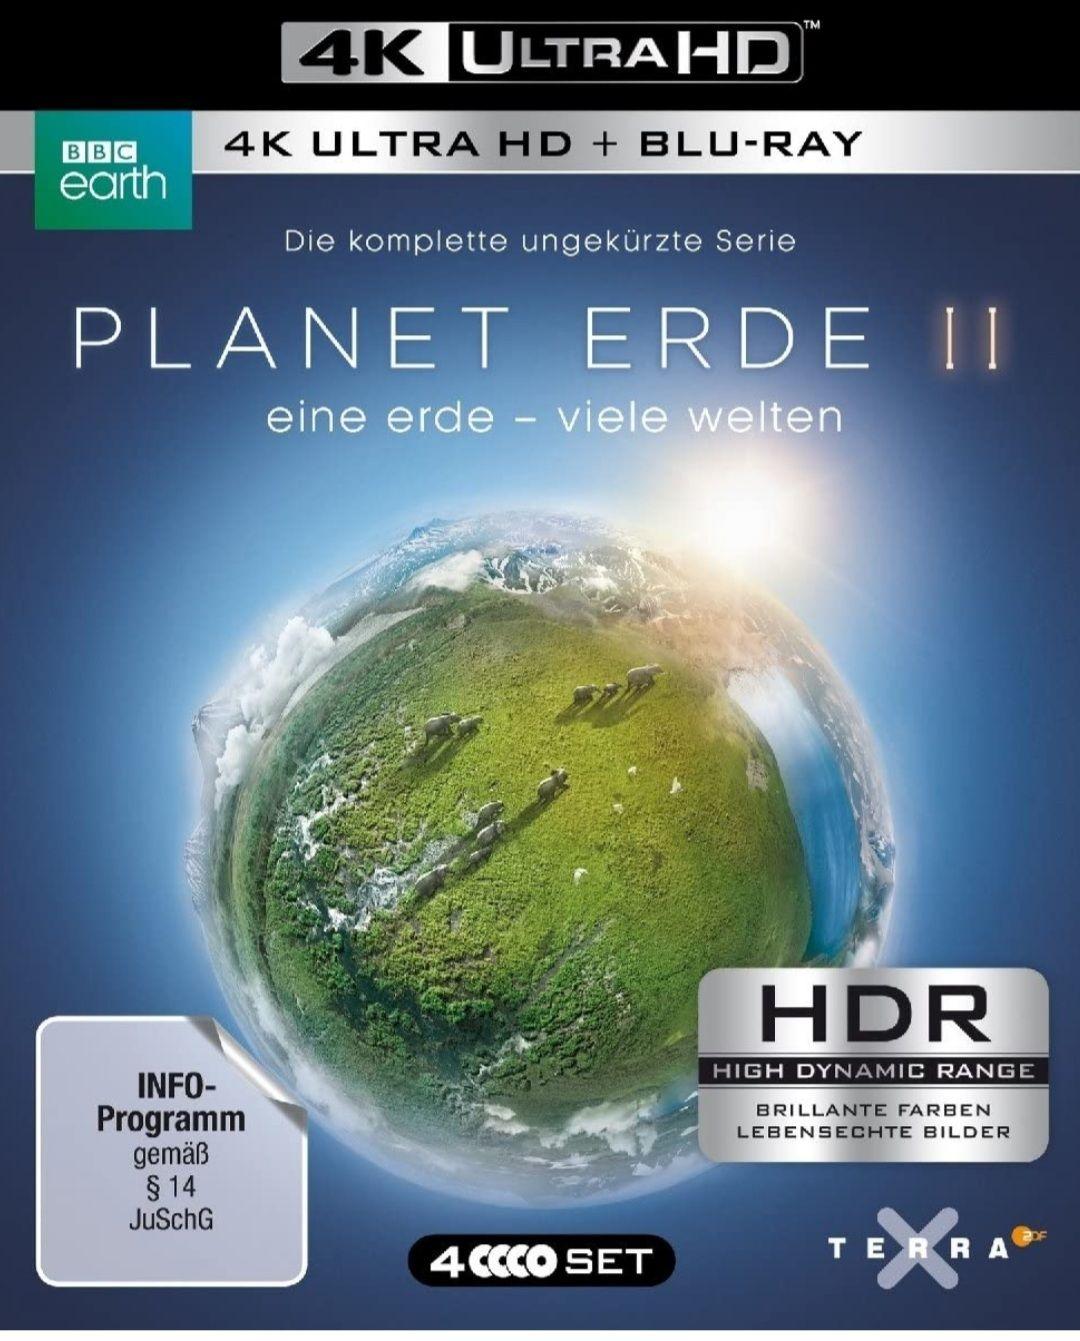 PLANET ERDE II: eine erde - viele welten. 4K